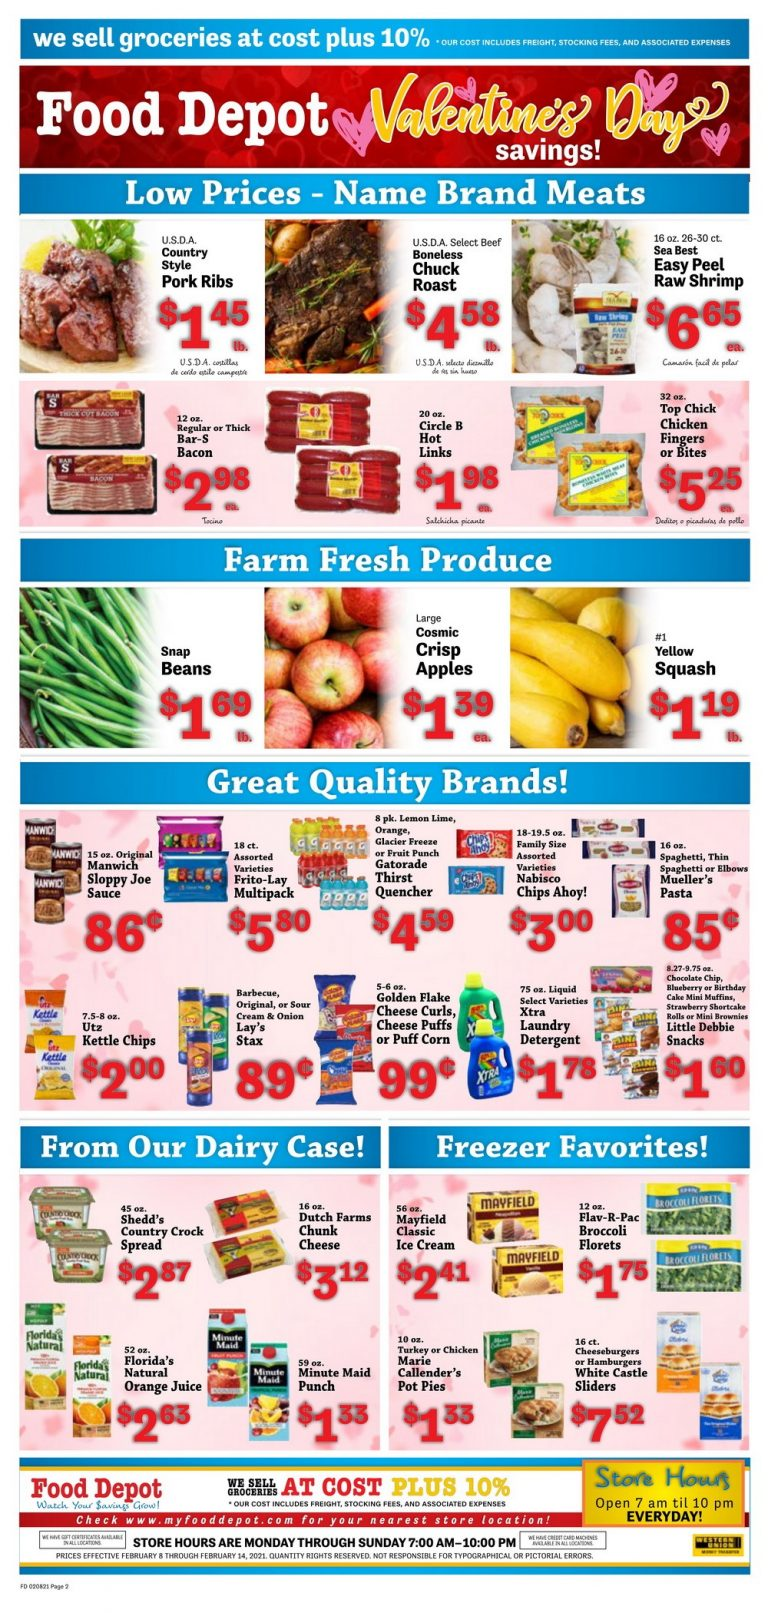 Food Depot Weekly Ad Feb 08 - Feb 14, 2021